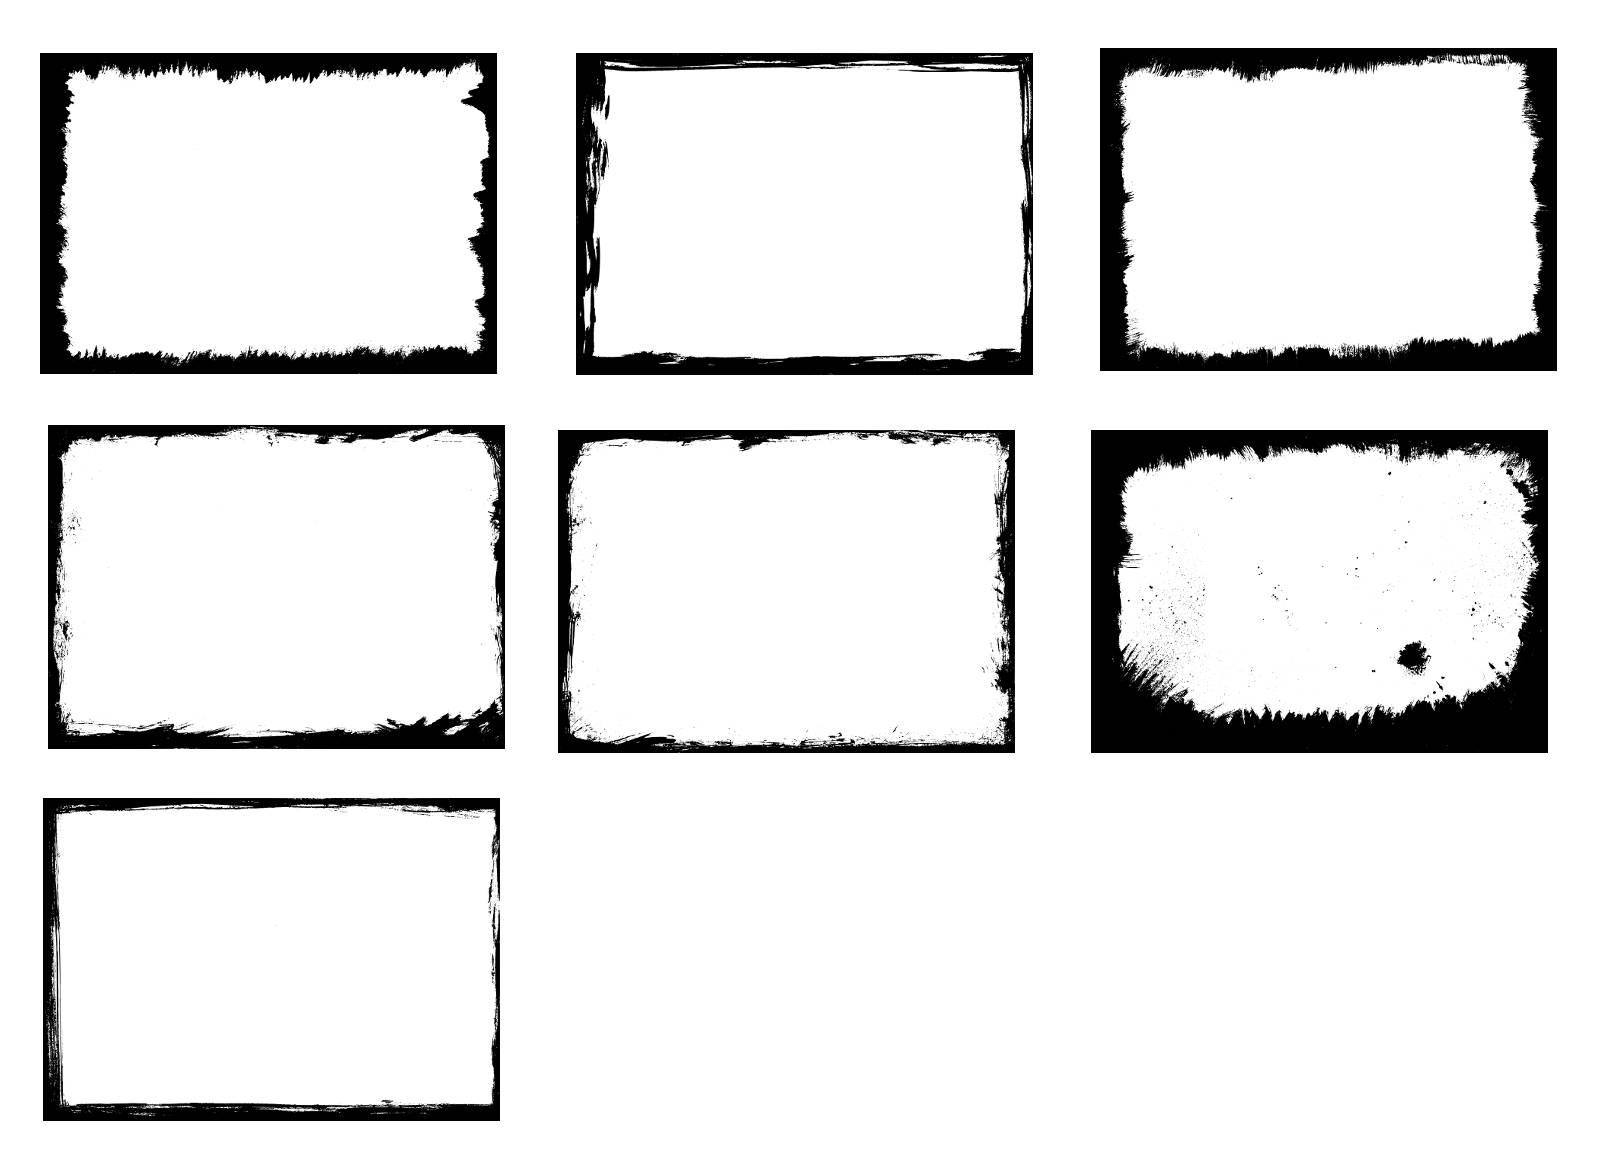 7 grunge frames svg eps psd png transparent onlygfx 7 grunge frames svg eps psd png transparent jeuxipadfo Images